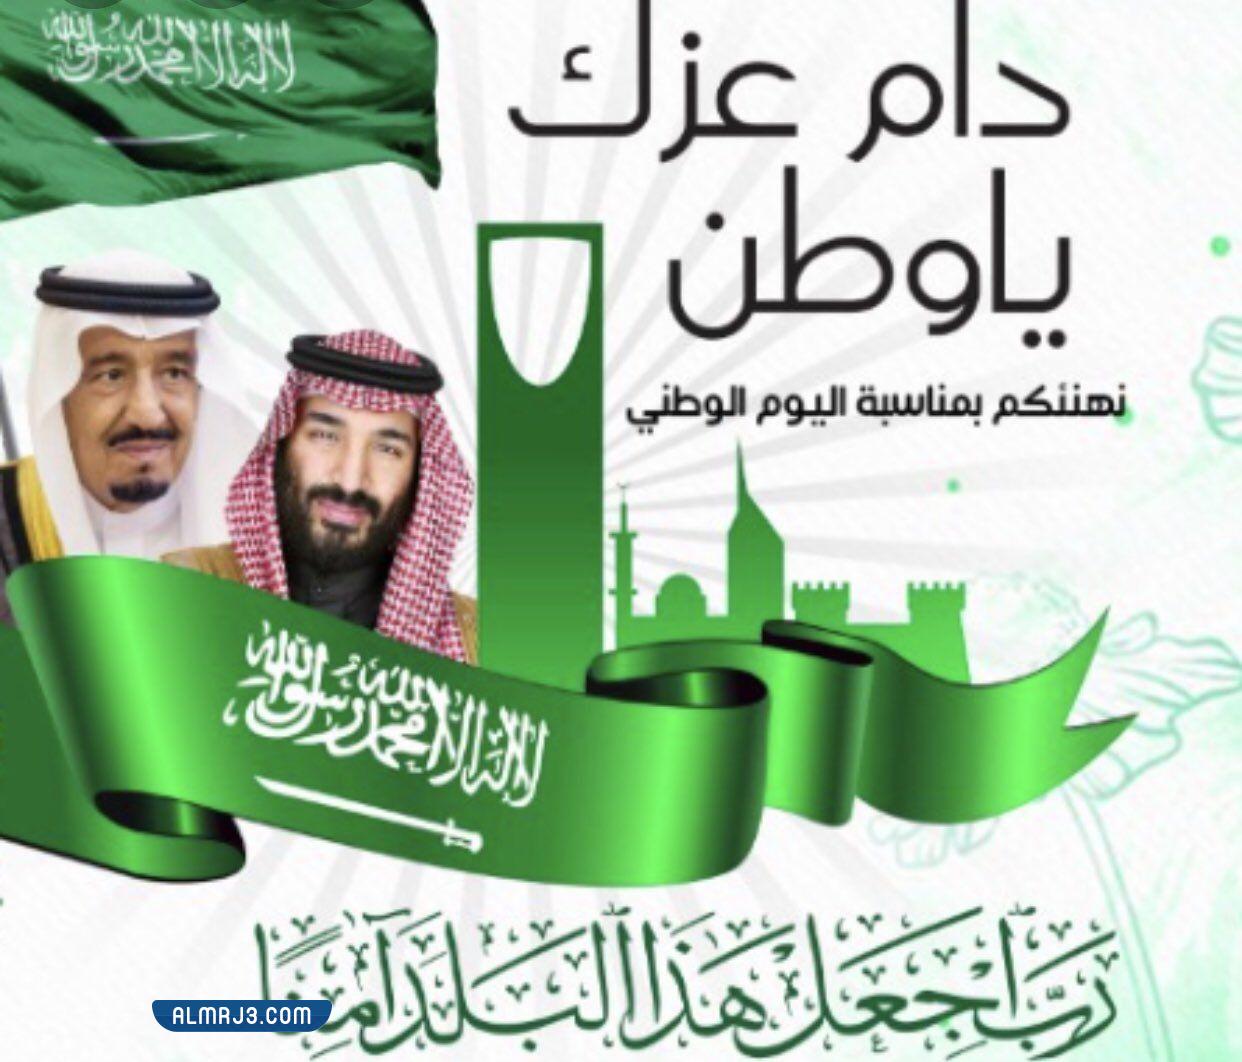 صورالملك سلمان ومحمد بن سلمان اليوم الوطني